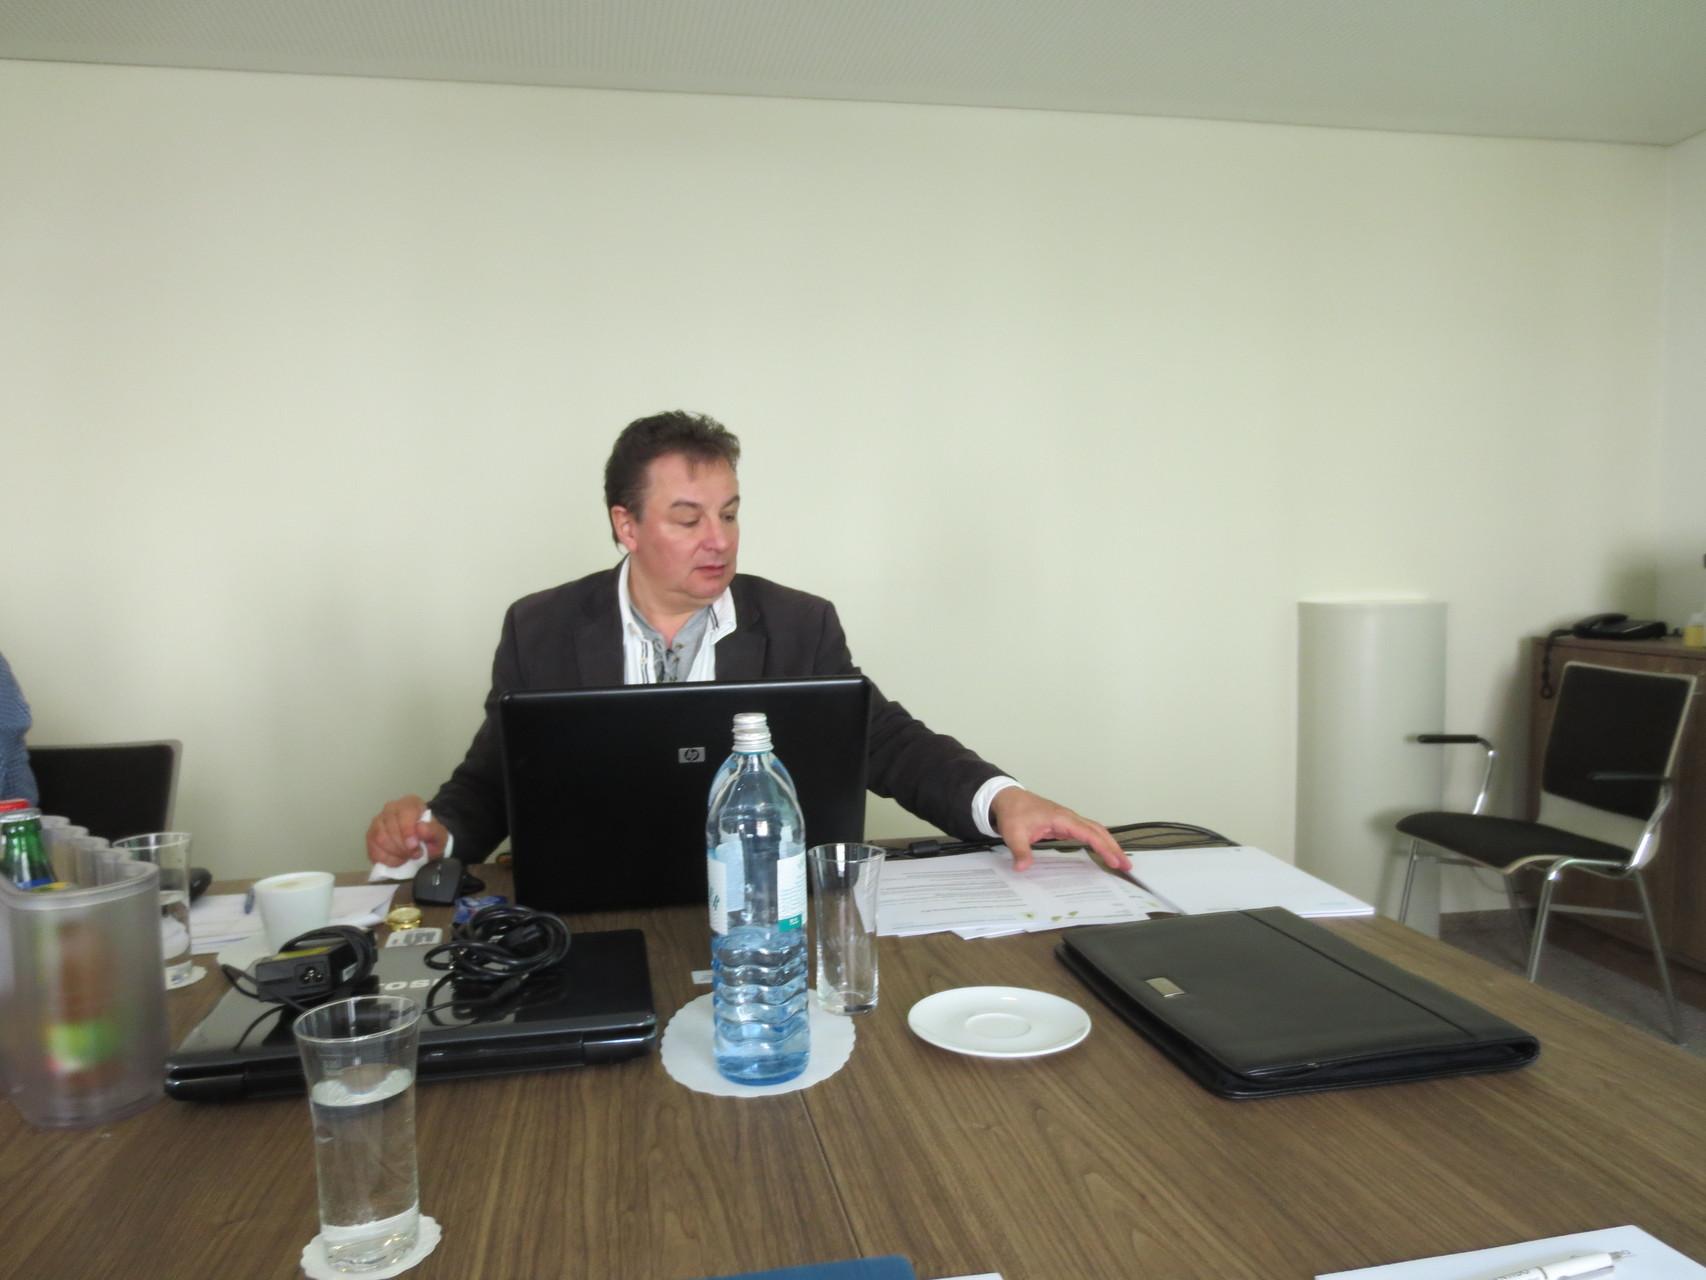 Eröffnung der 5. ordentlichen Hauptversammlung des VDSV durch den Präsidenten Silvano Fracasso